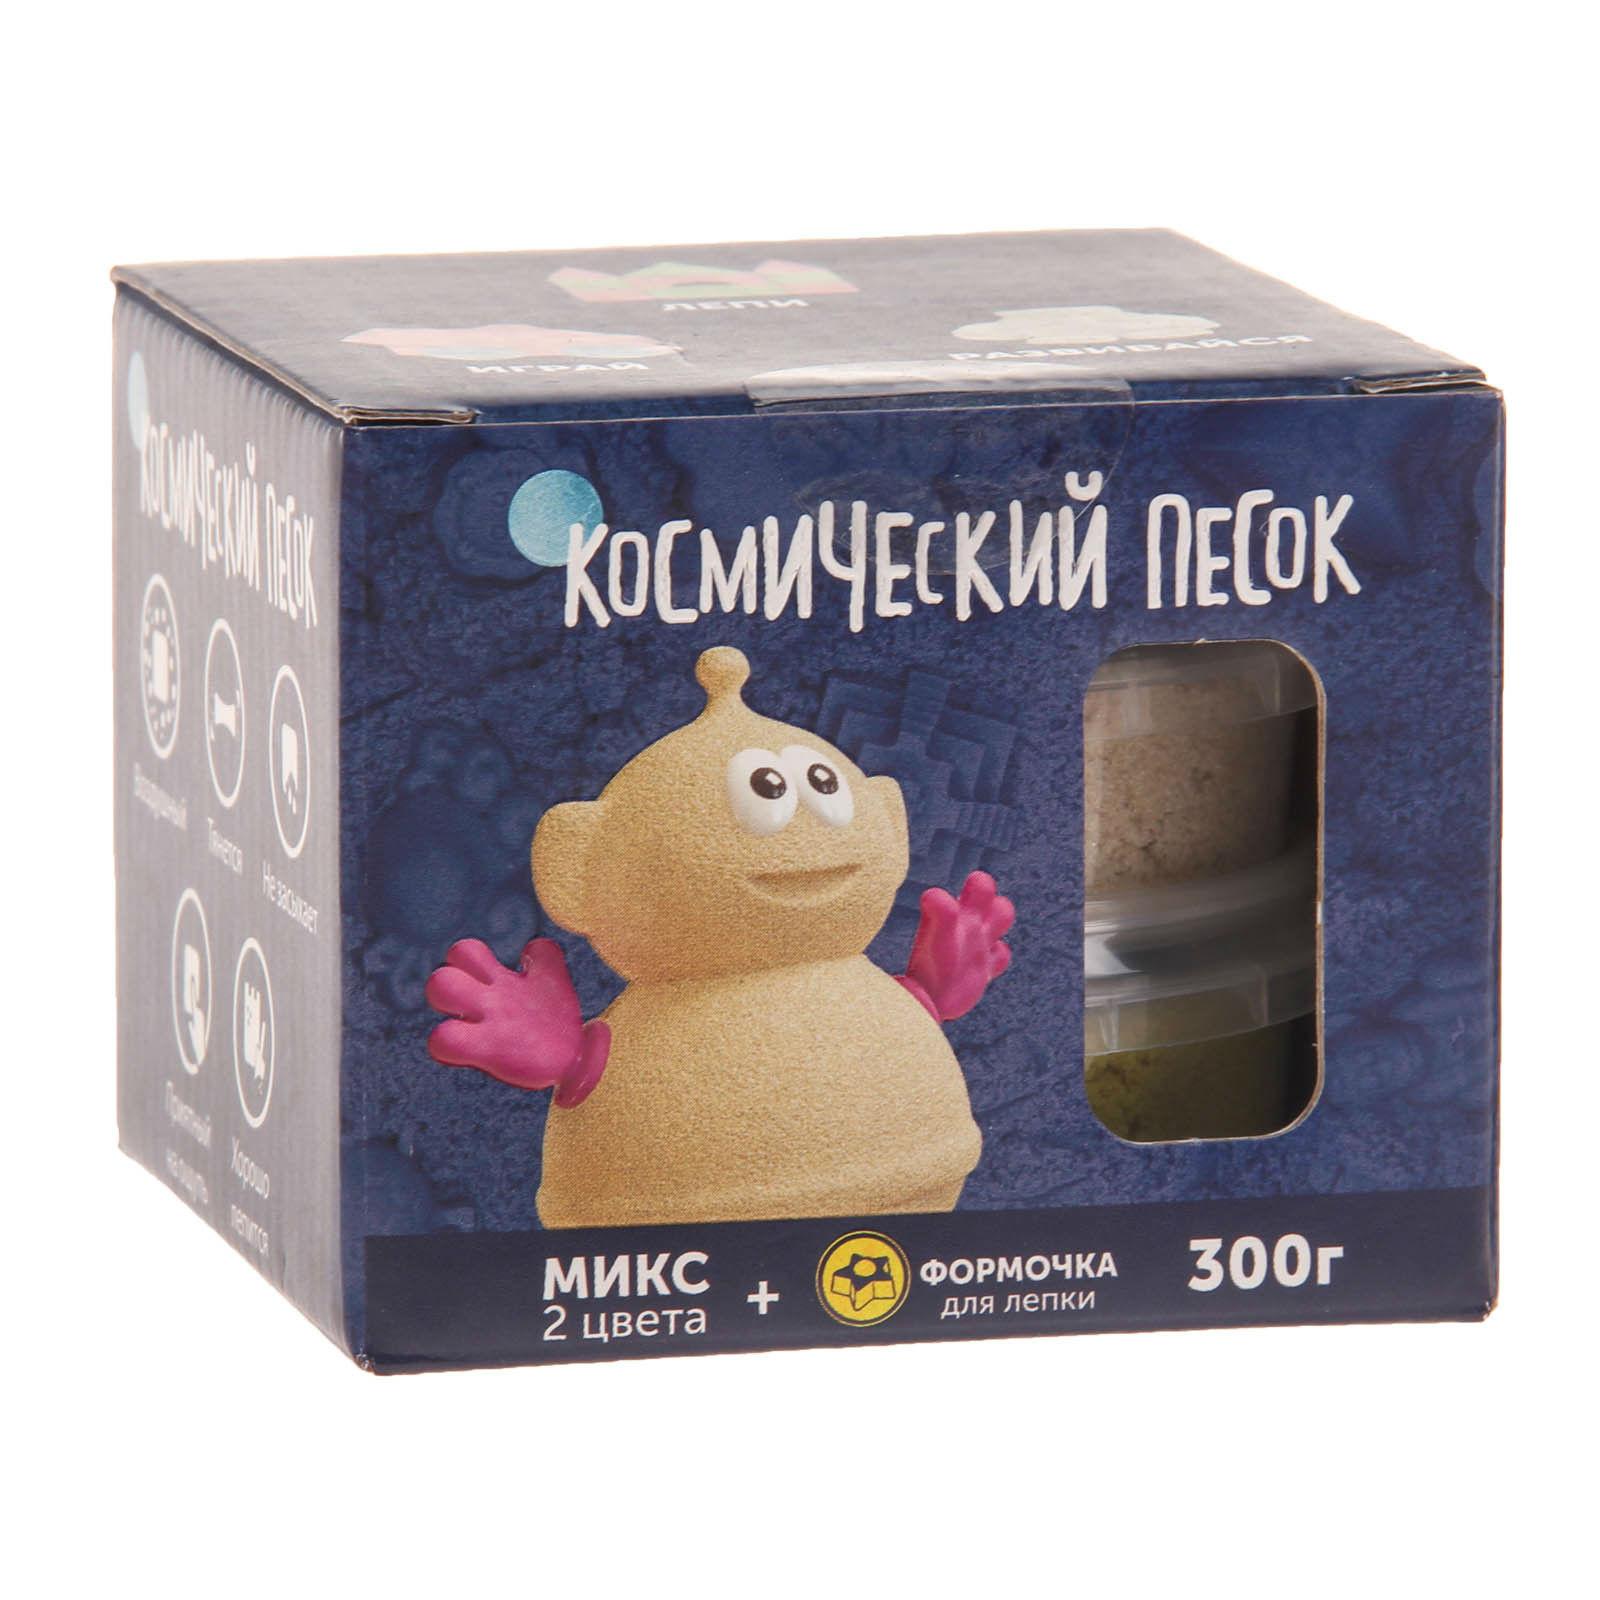 Купить Набор - Космический песок – Микс, 2 цвета классический и желтый с формочкой, Волшебный мир